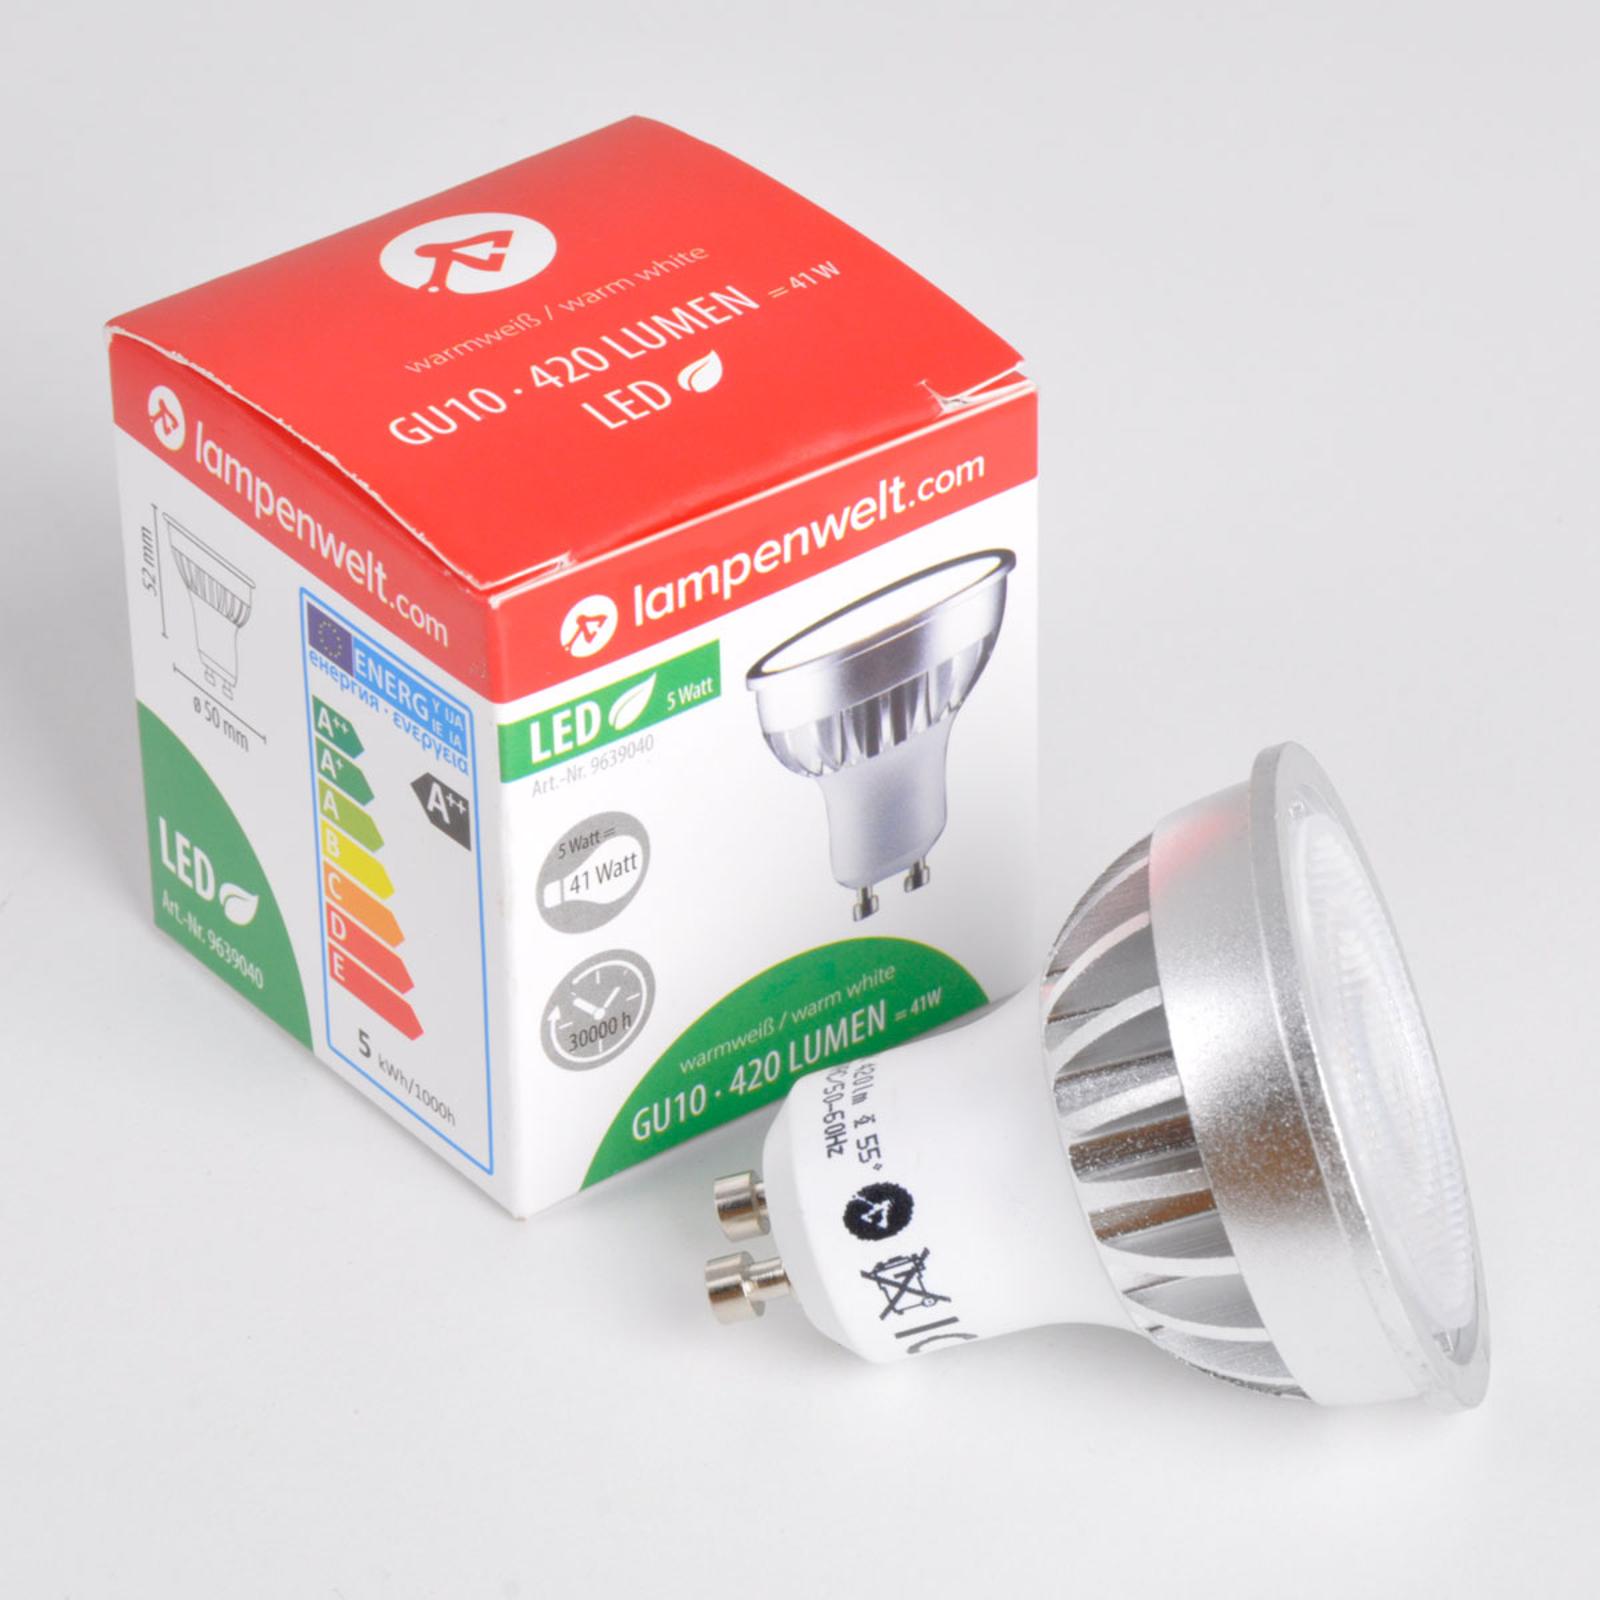 GU10 5W 830 żarówka reflektorowa LED 55°